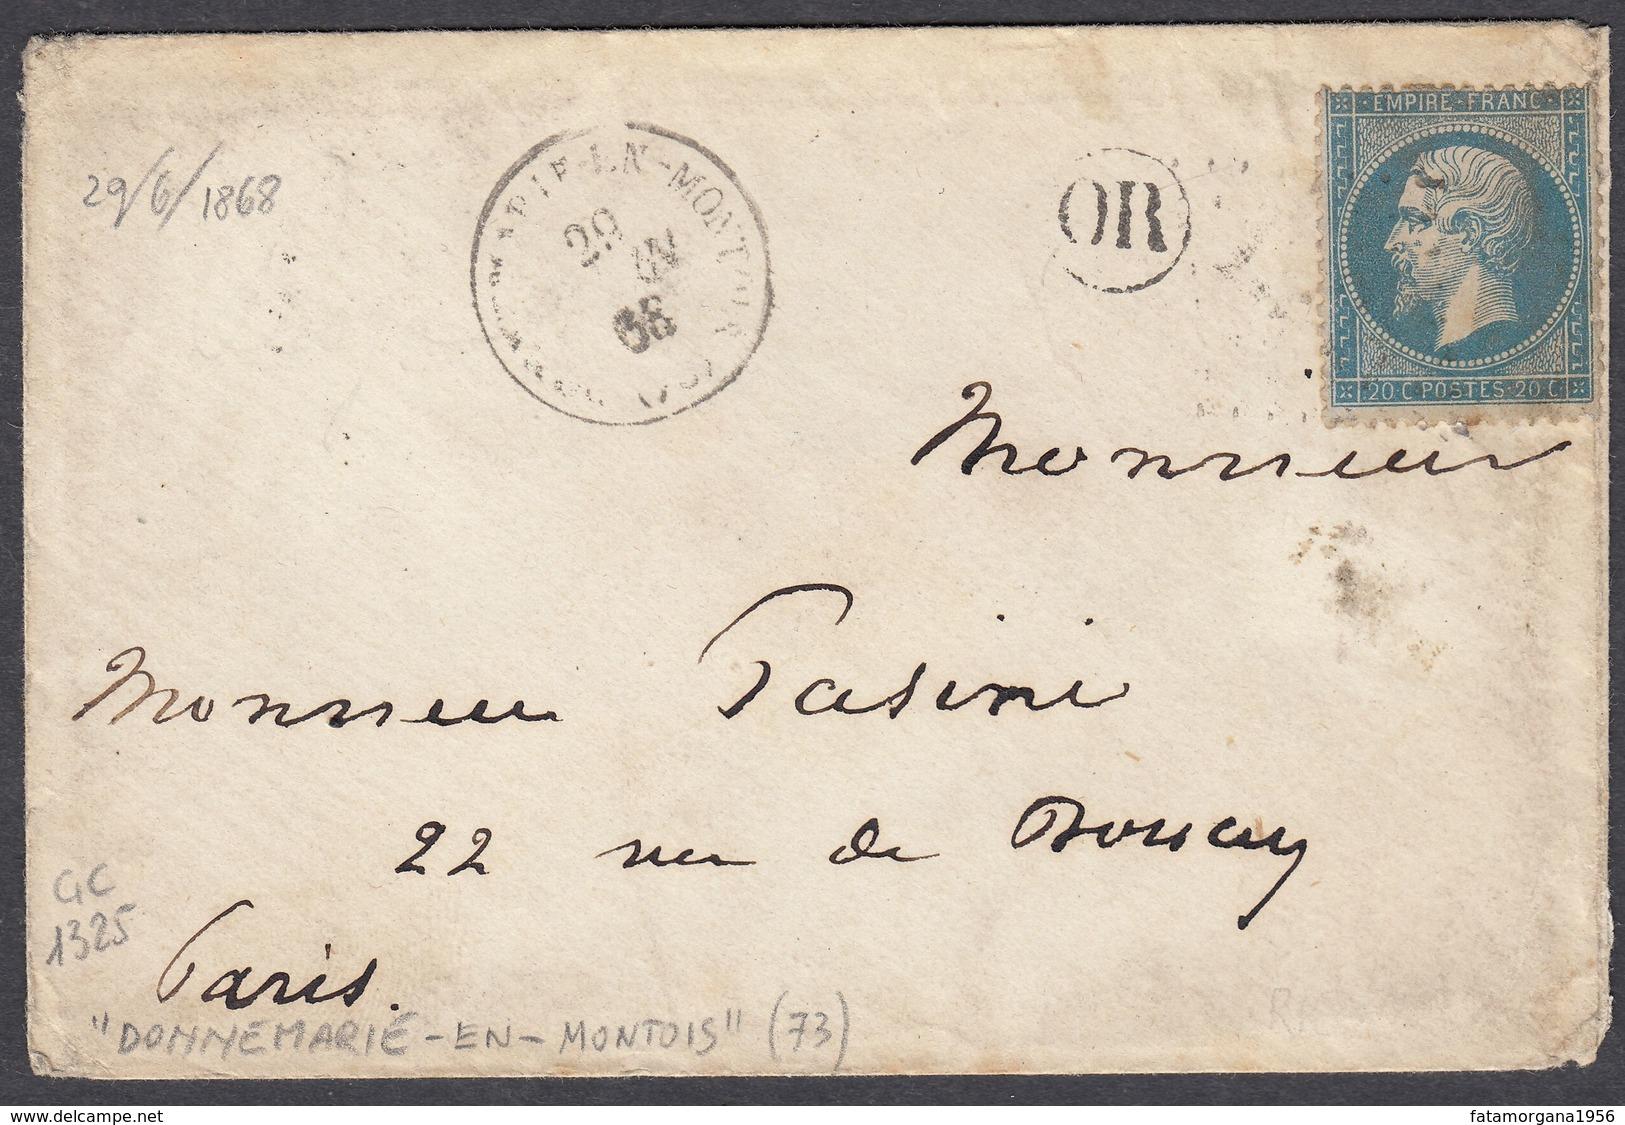 FRANCIA - FRANCE - 1862 - Yvert 22 Obliterato A Losanga, Su Piccola Busta Con Annullo OR E Timbro Del 29/06/1868 - Postmark Collection (Covers)